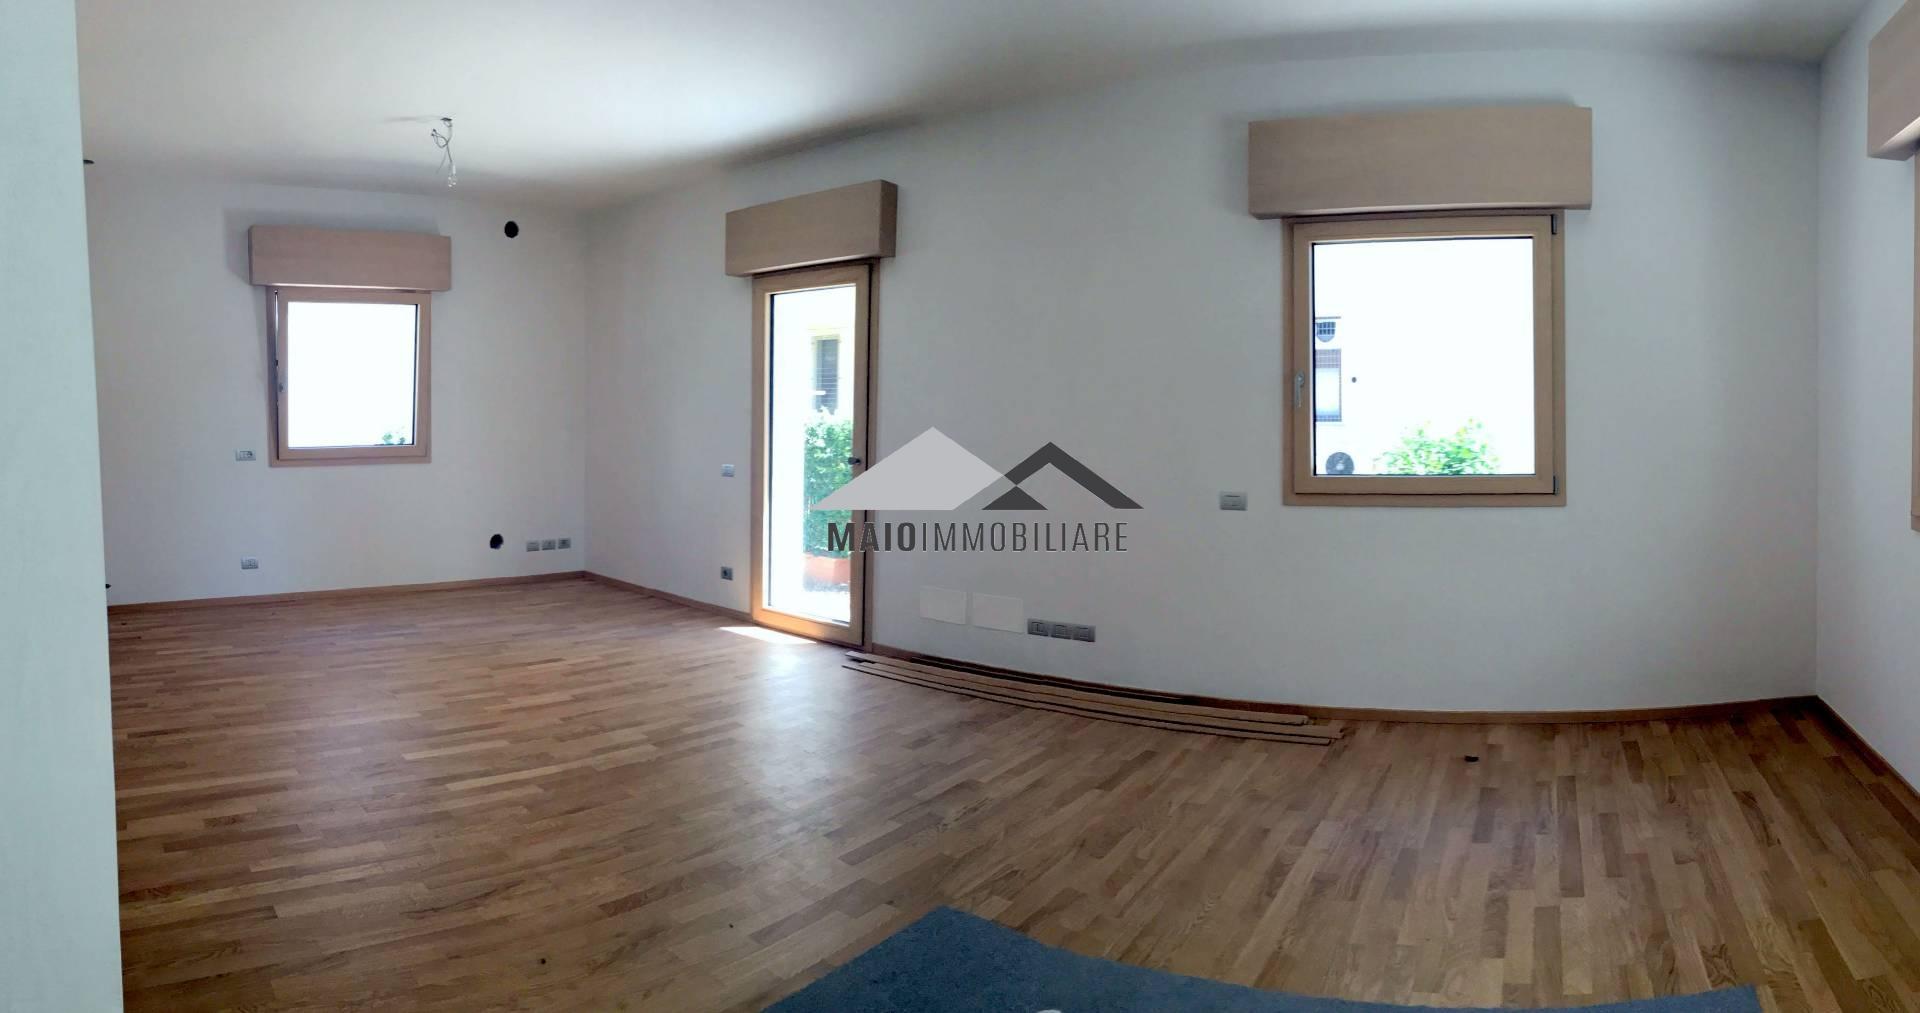 Villa in vendita a Riccione, 5 locali, zona Località: PAESE, prezzo € 885.000 | CambioCasa.it